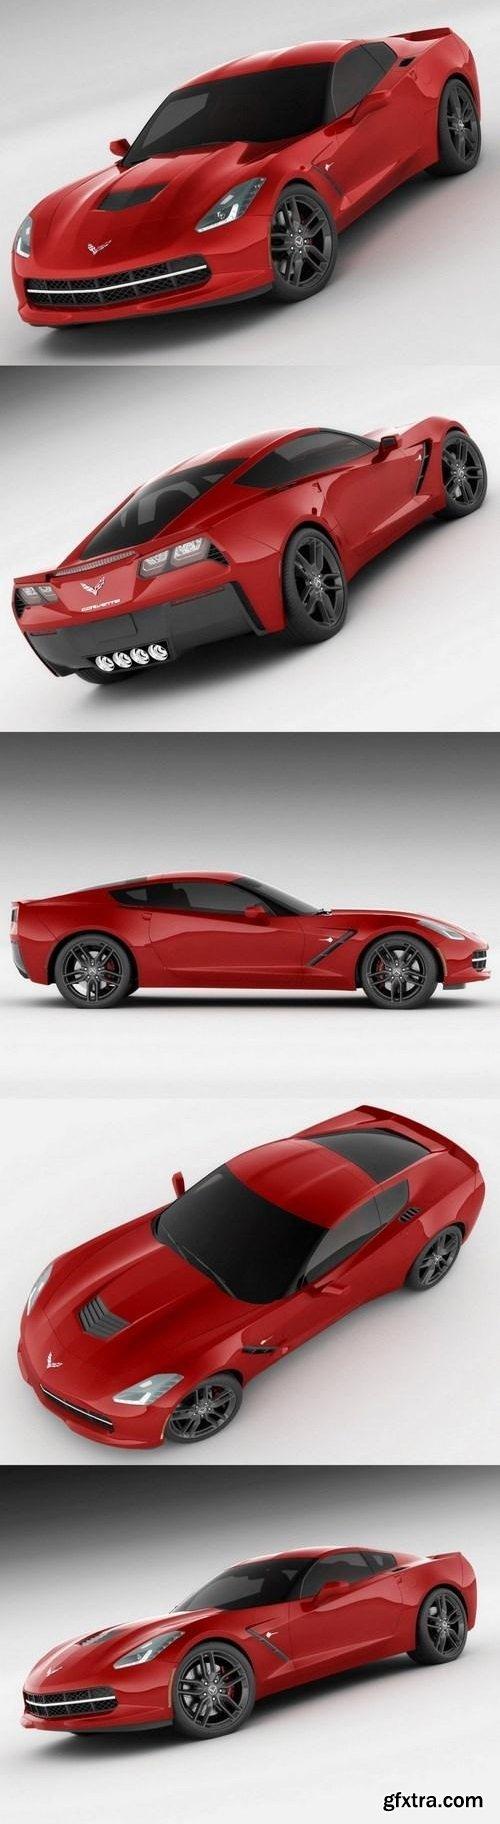 Chevrolet Corvette C7 Stingray 3D Model